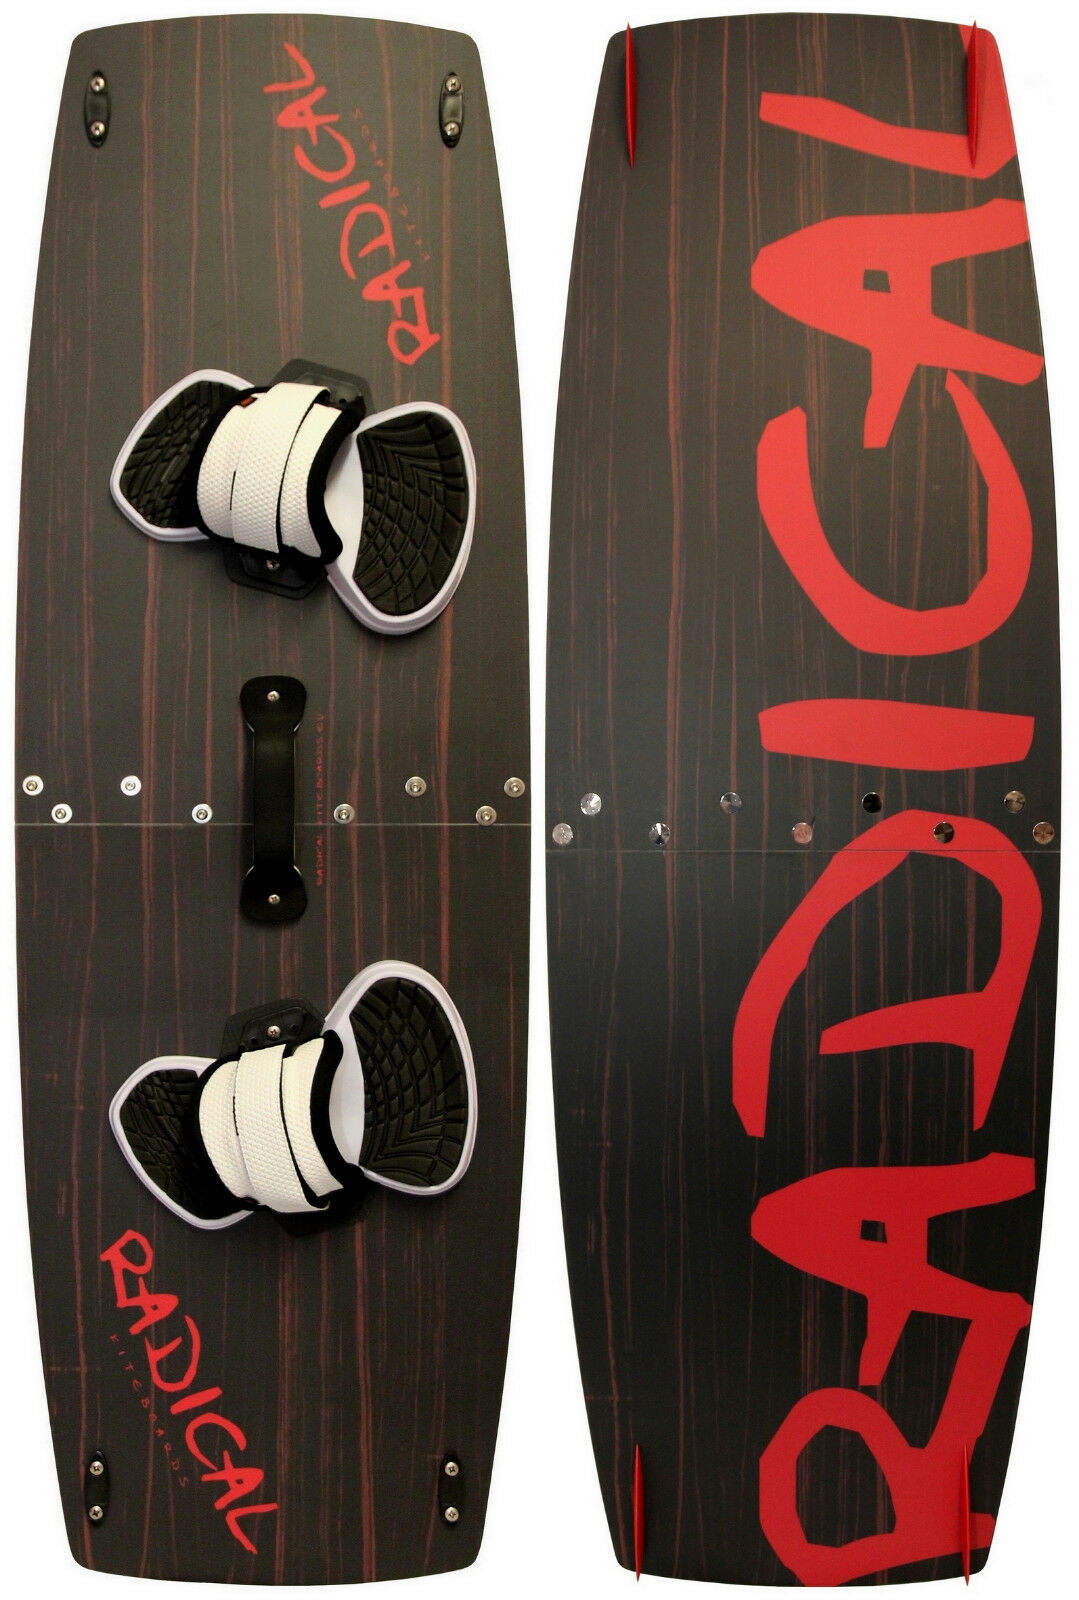 Kiteboardsplitboard Radical Kiteboards Radical Split Split Kiteboardsplitboard Kiteboards Radical lcT15KJ3uF